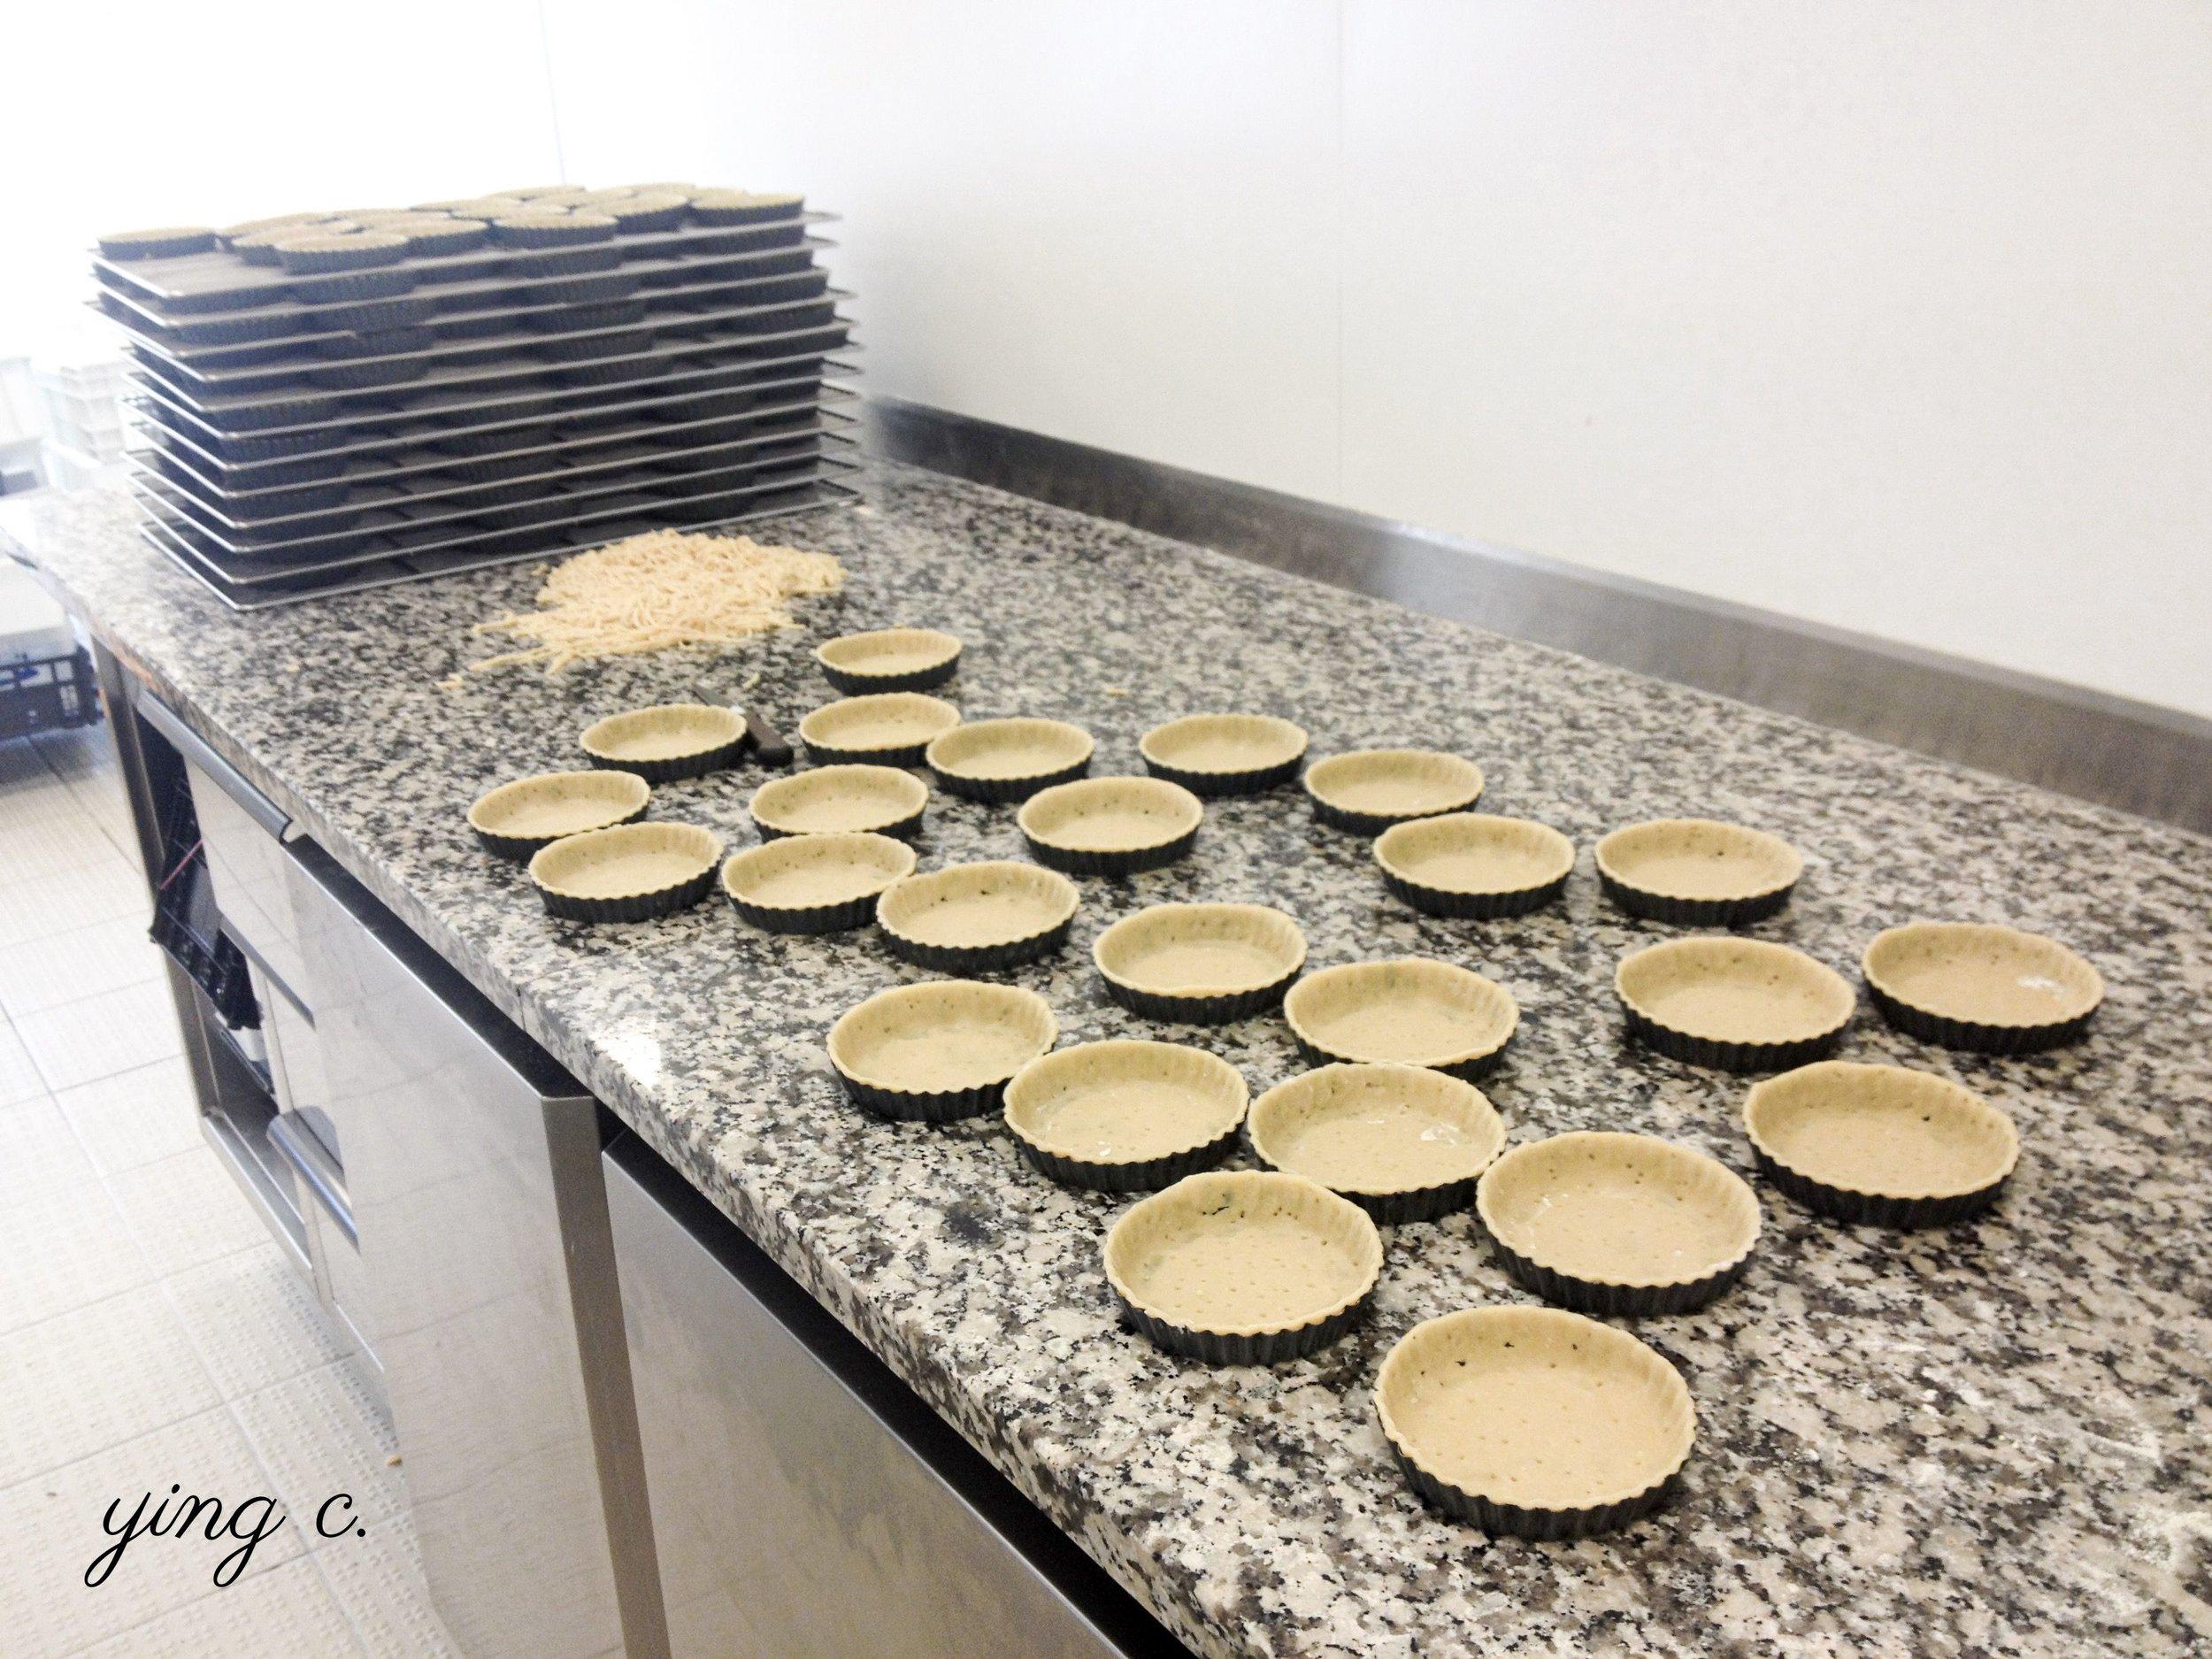 我在巴黎甜點店  Bread & Roses  實習的時候,經常都要負責完成大量塔殼的製作。